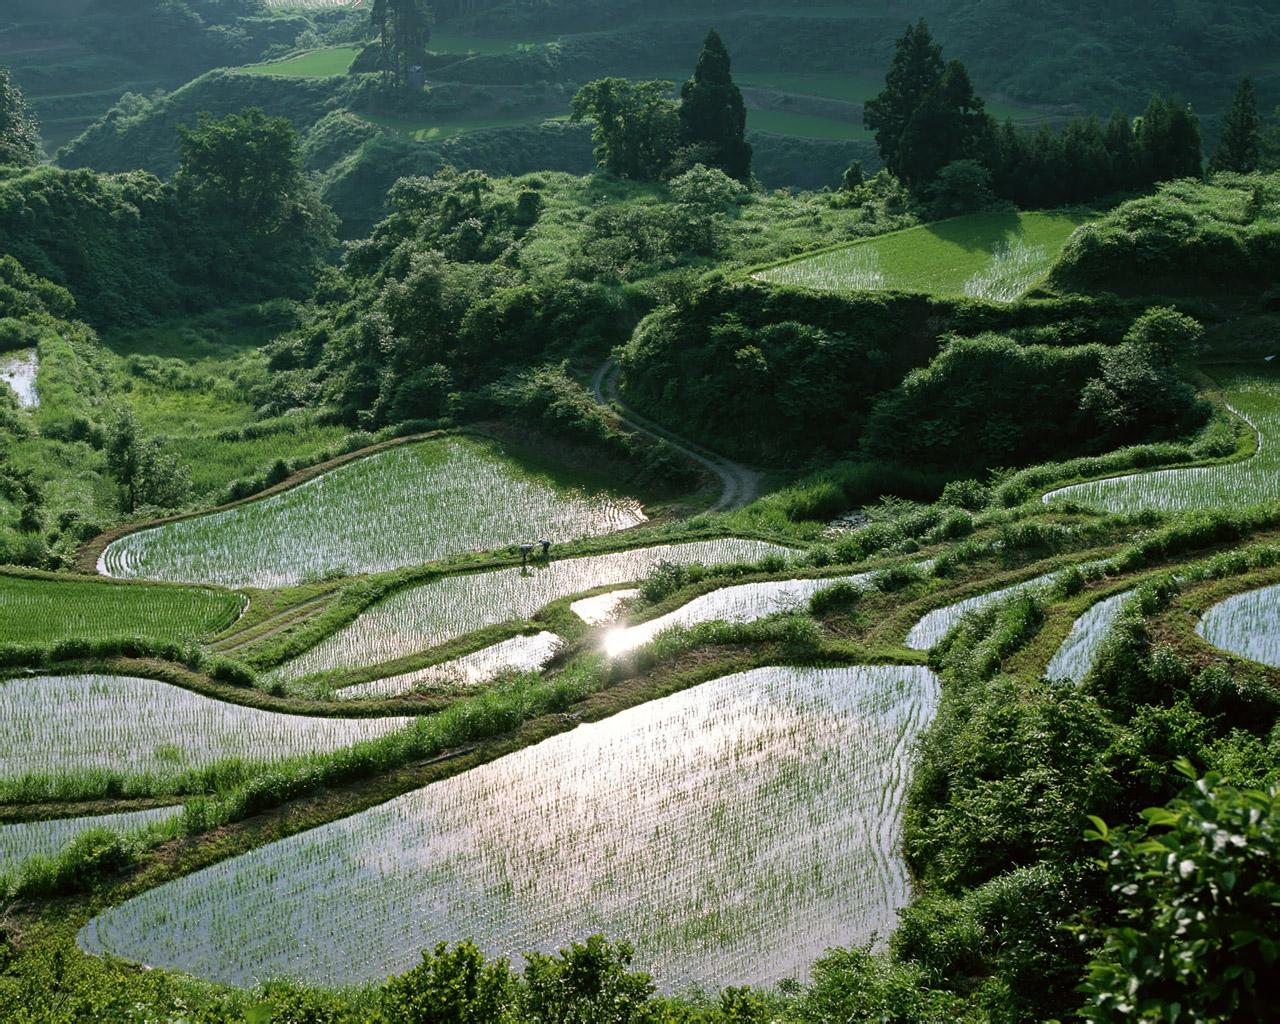 Япония, пейзажи, природа, памятники, парки, сады, ворота, фонари, торо, храмы, красивые, обои, скачать, |, Japan